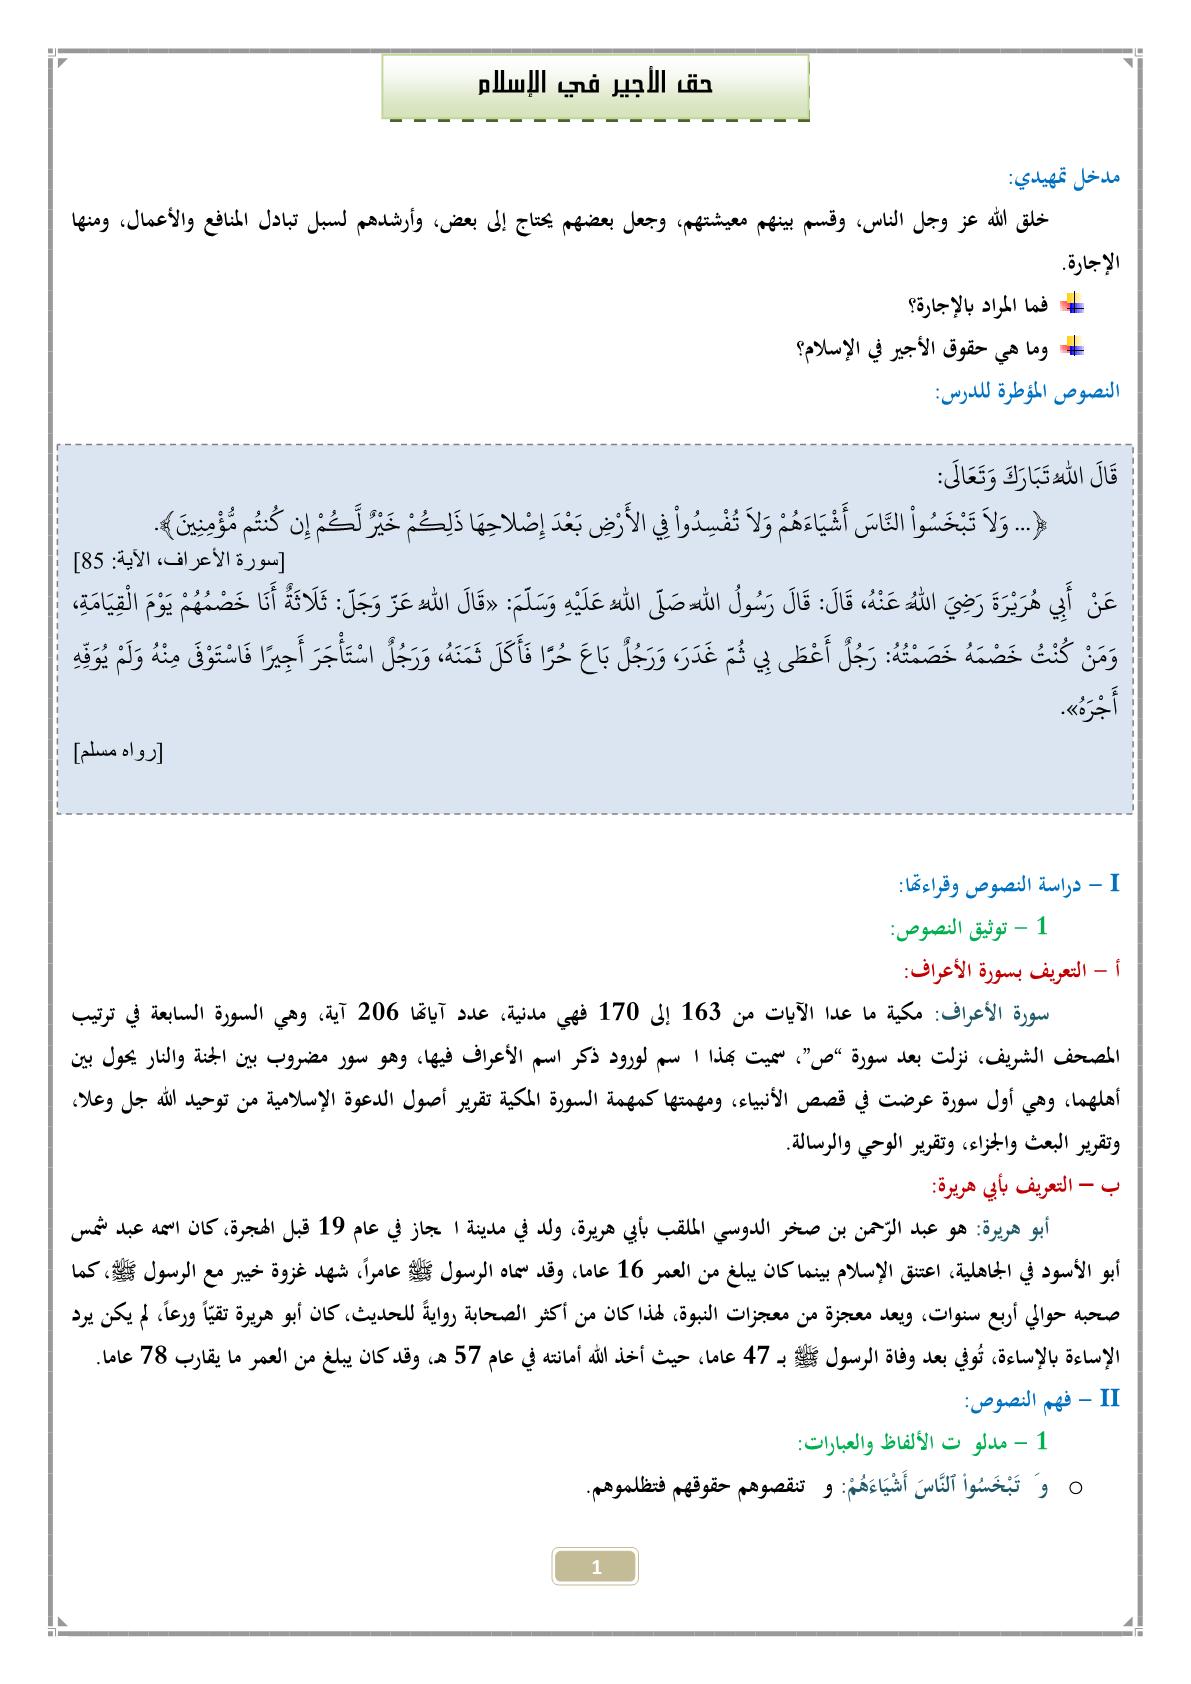 درس حق الأجير في الإسلام في مادة التربية الإسلامية للسنة الثالثة إعدادي